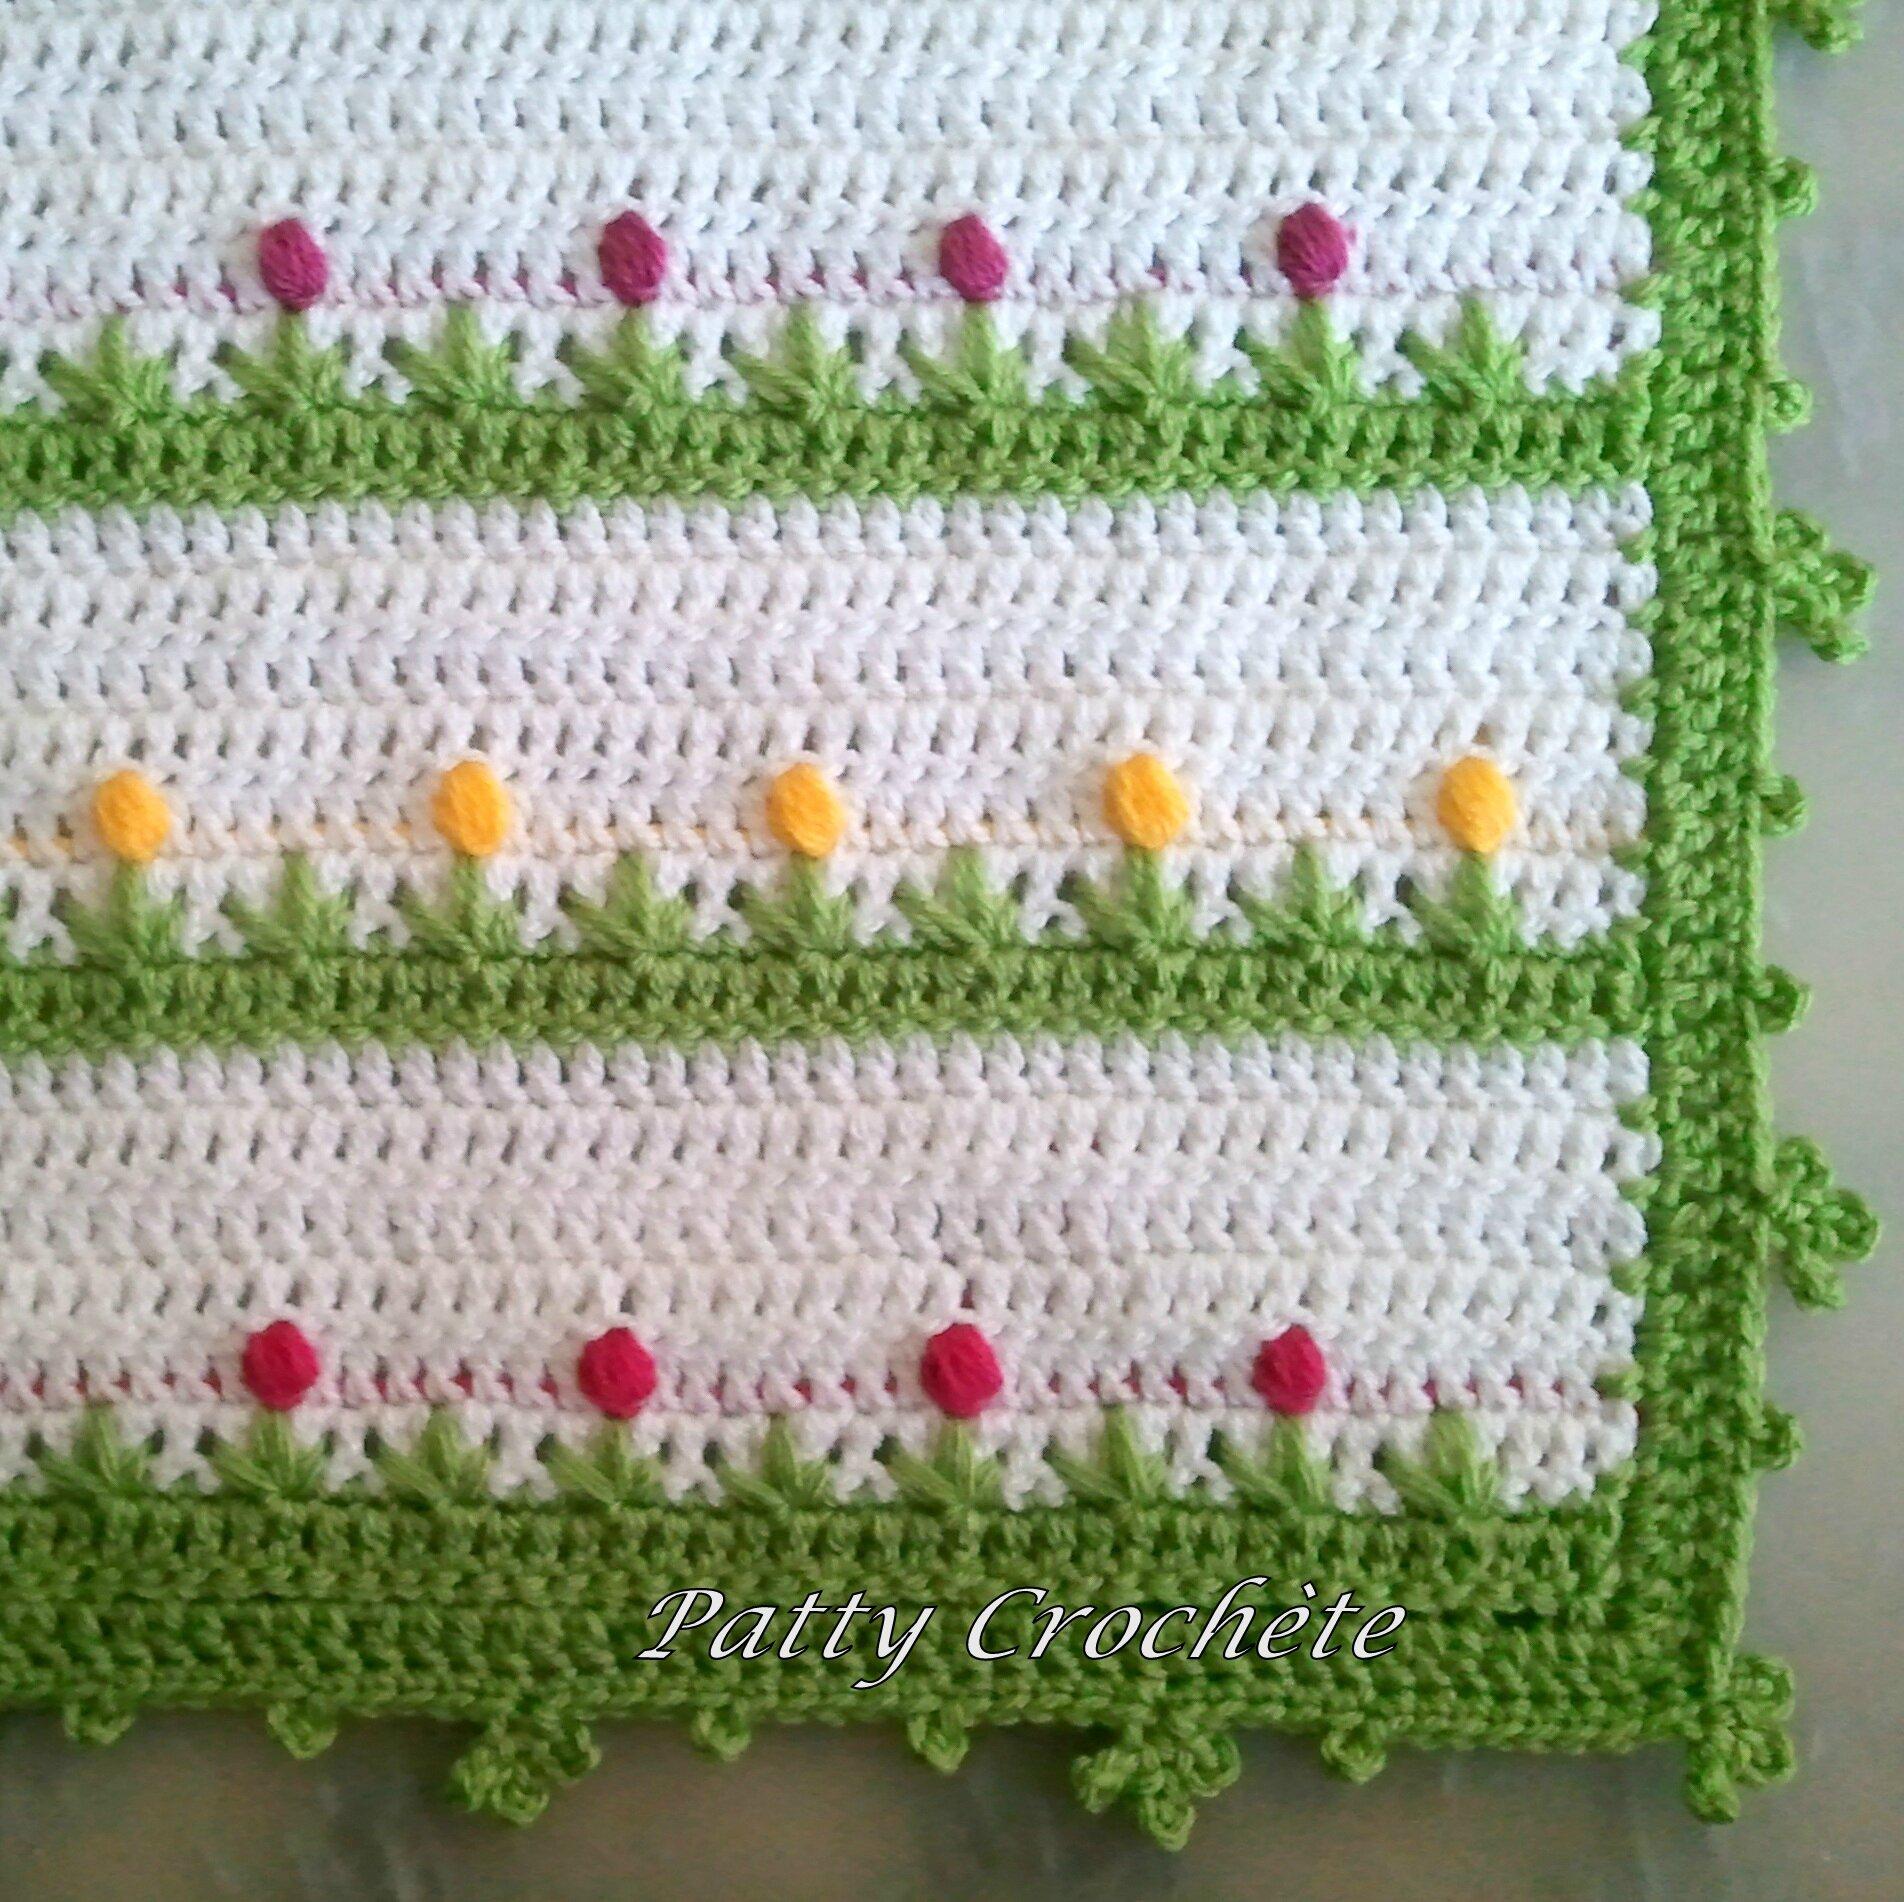 couverture fleur bébé Couverture Bébé Boutons de Fleurs   Patty crochète couverture fleur bébé